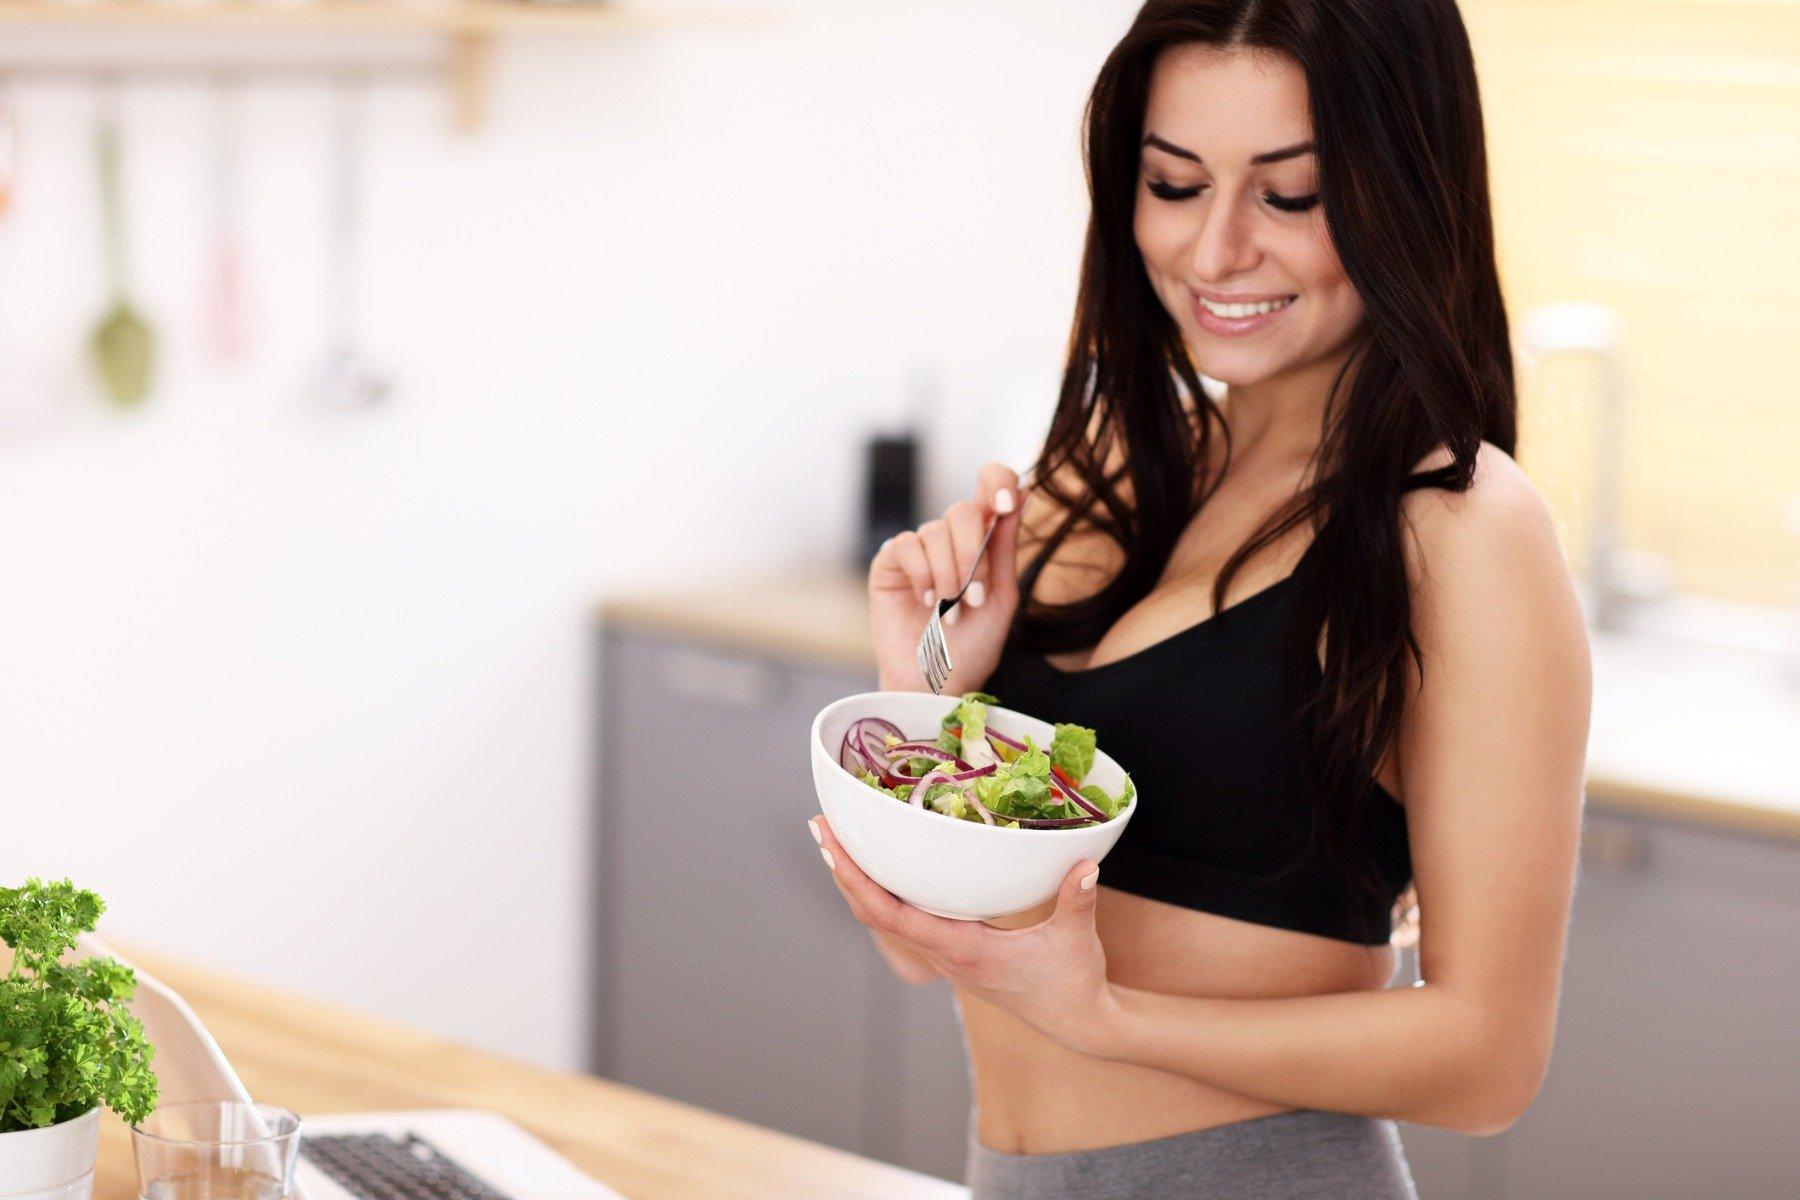 Fogyni 5 tipp. Fogyni szeretnék! – az 5 legjobb tipp a kezdéshez